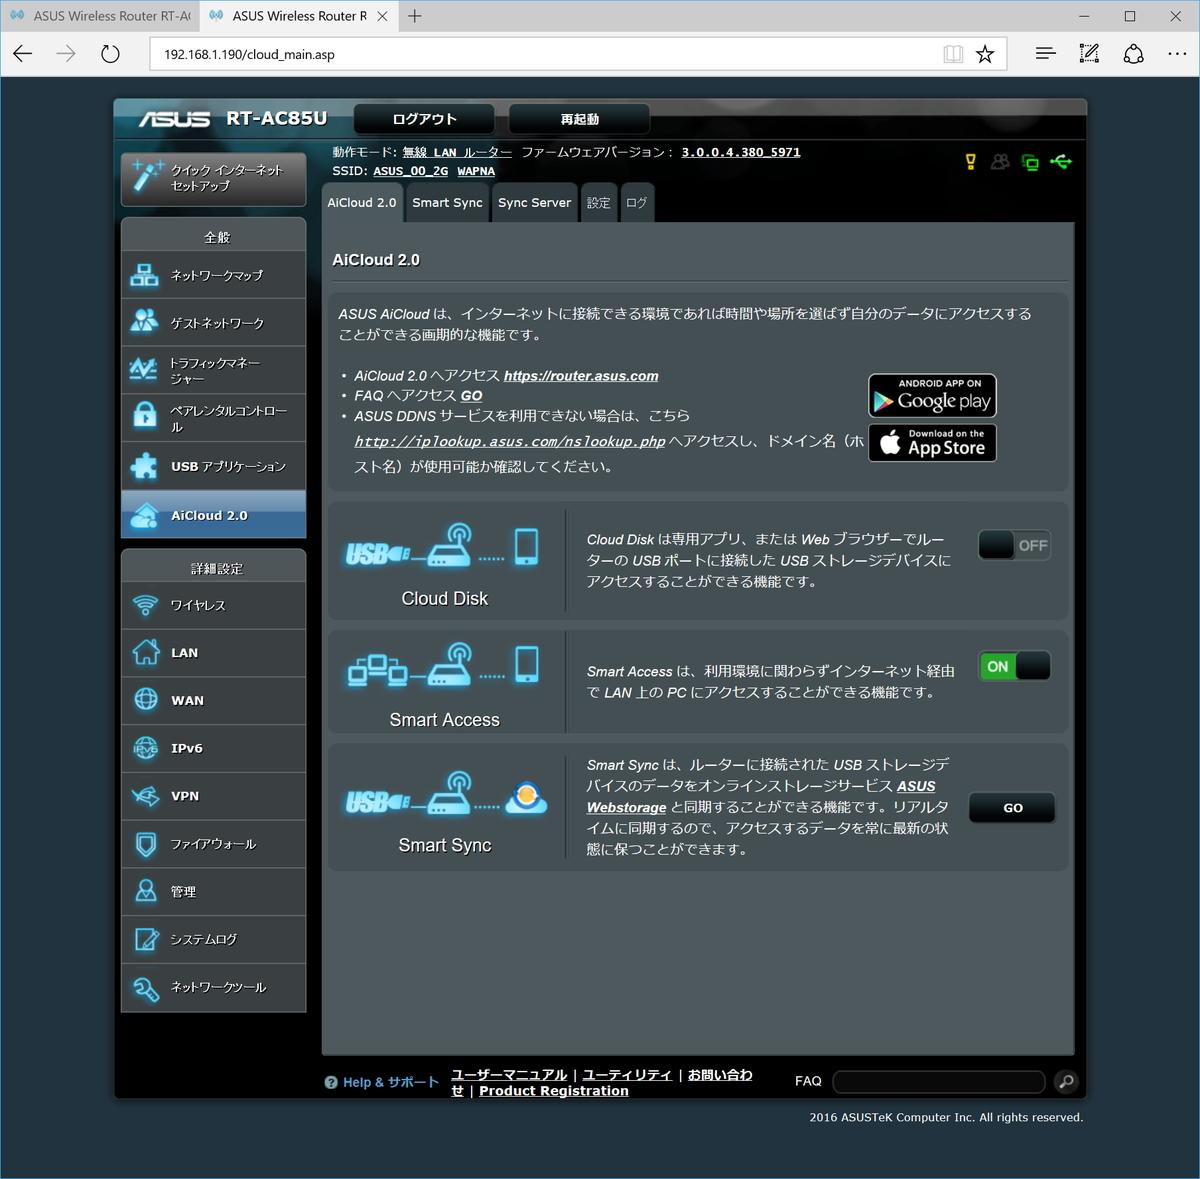 AiCloud 2.0として外出先からのアクセス機能が豊富に搭載される